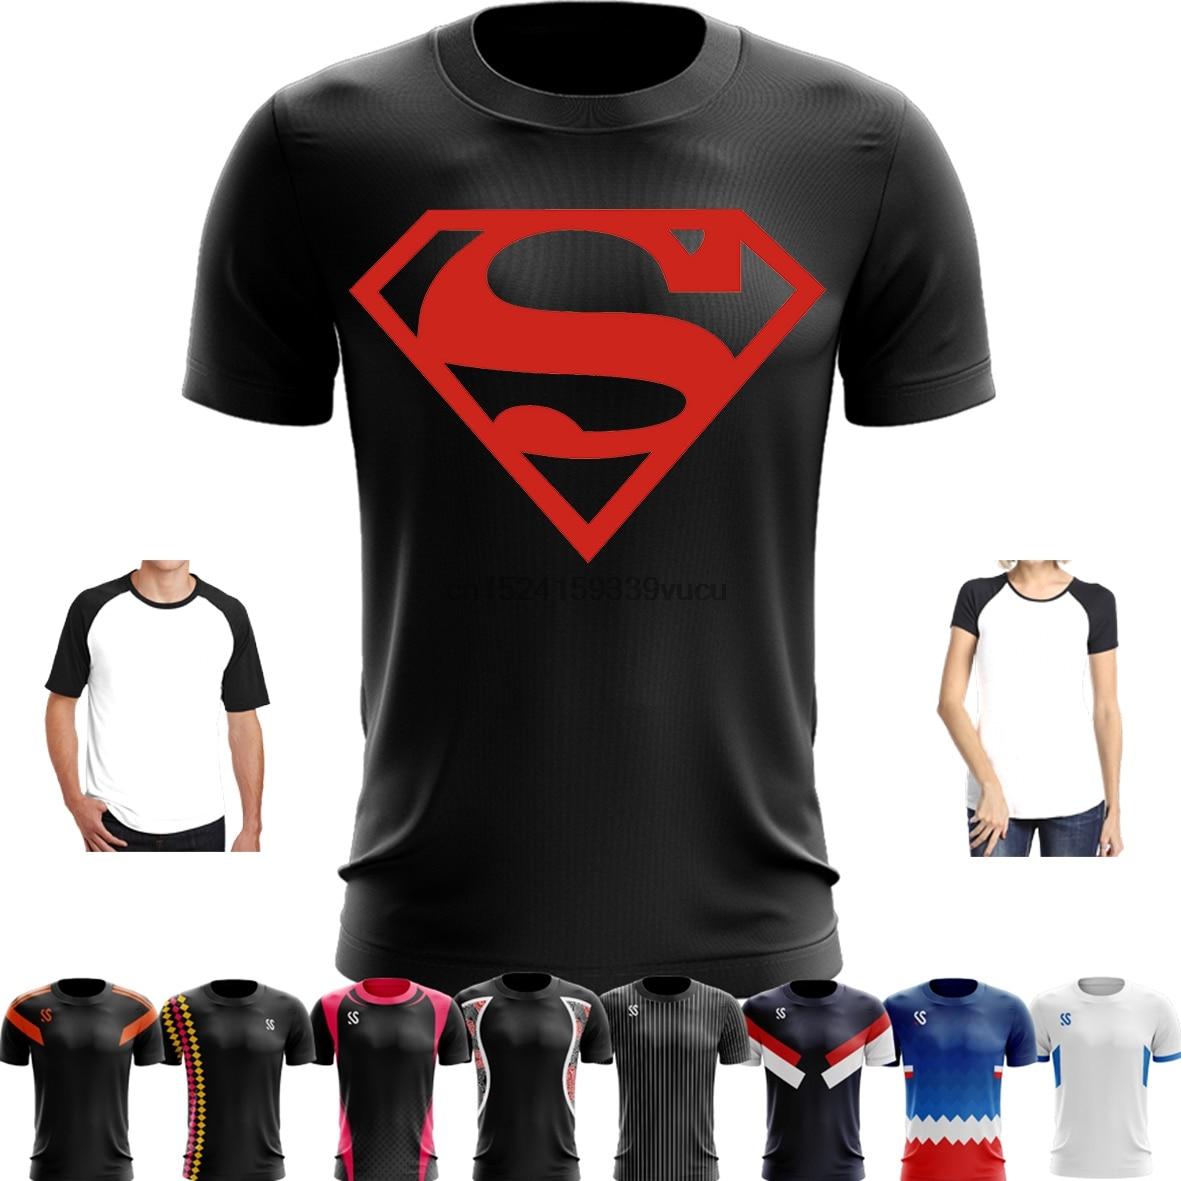 Superman LOGO Licensed Women/'s T-Shirt All Sizes